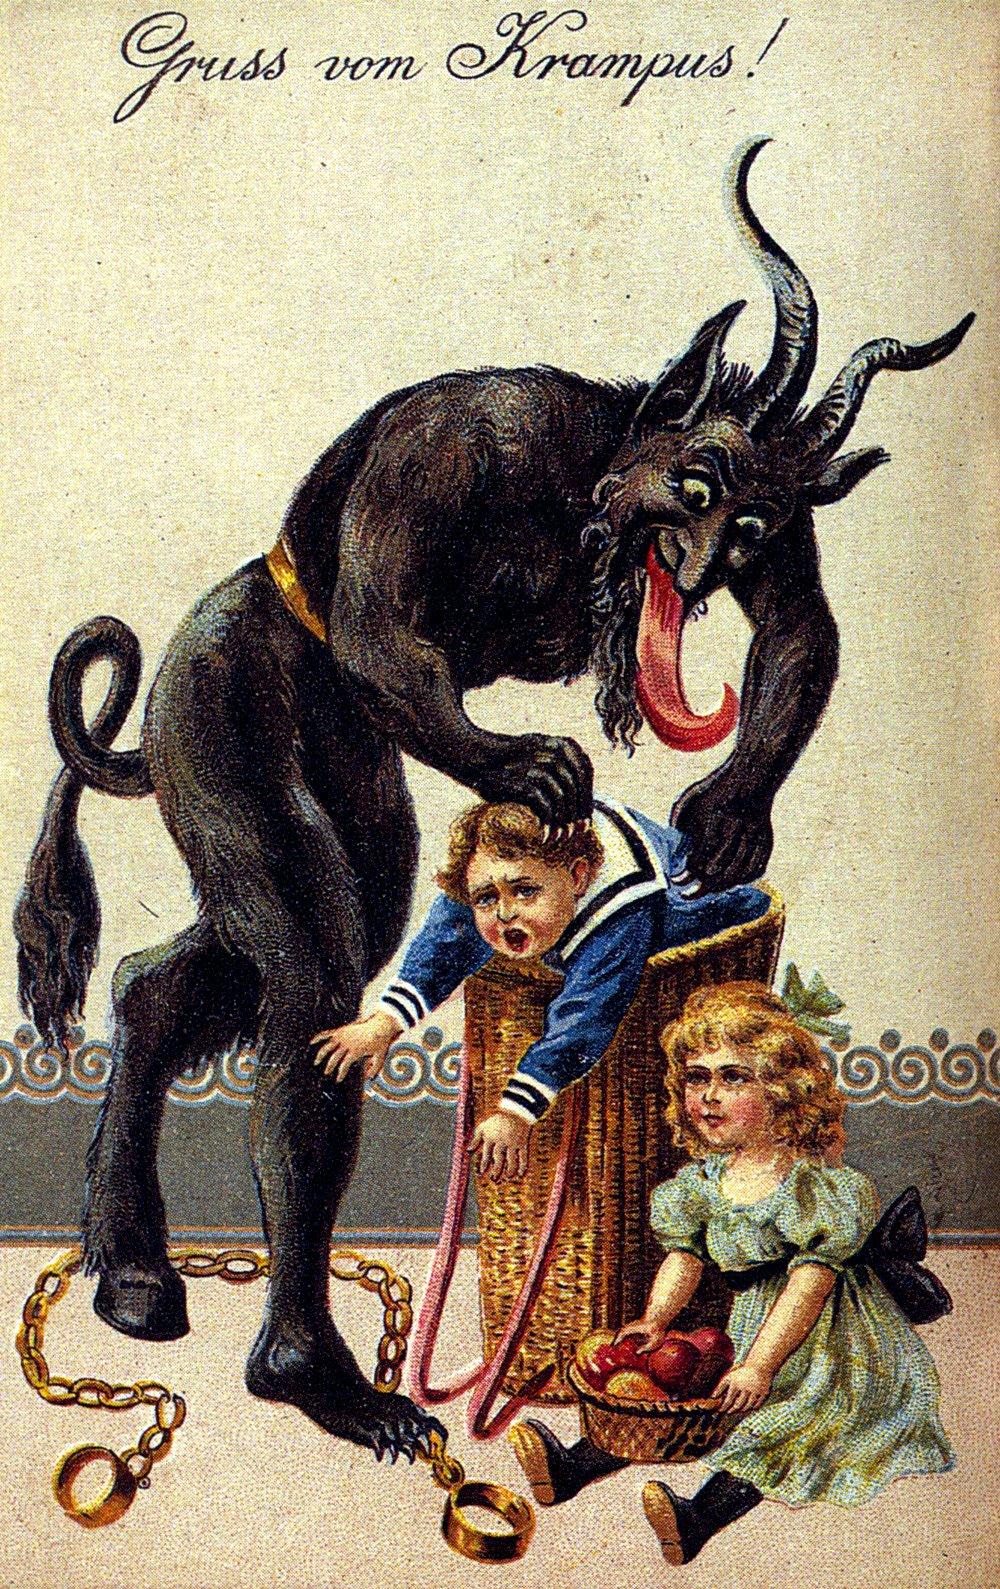 Grüss von Krampus! The Christmas Devil